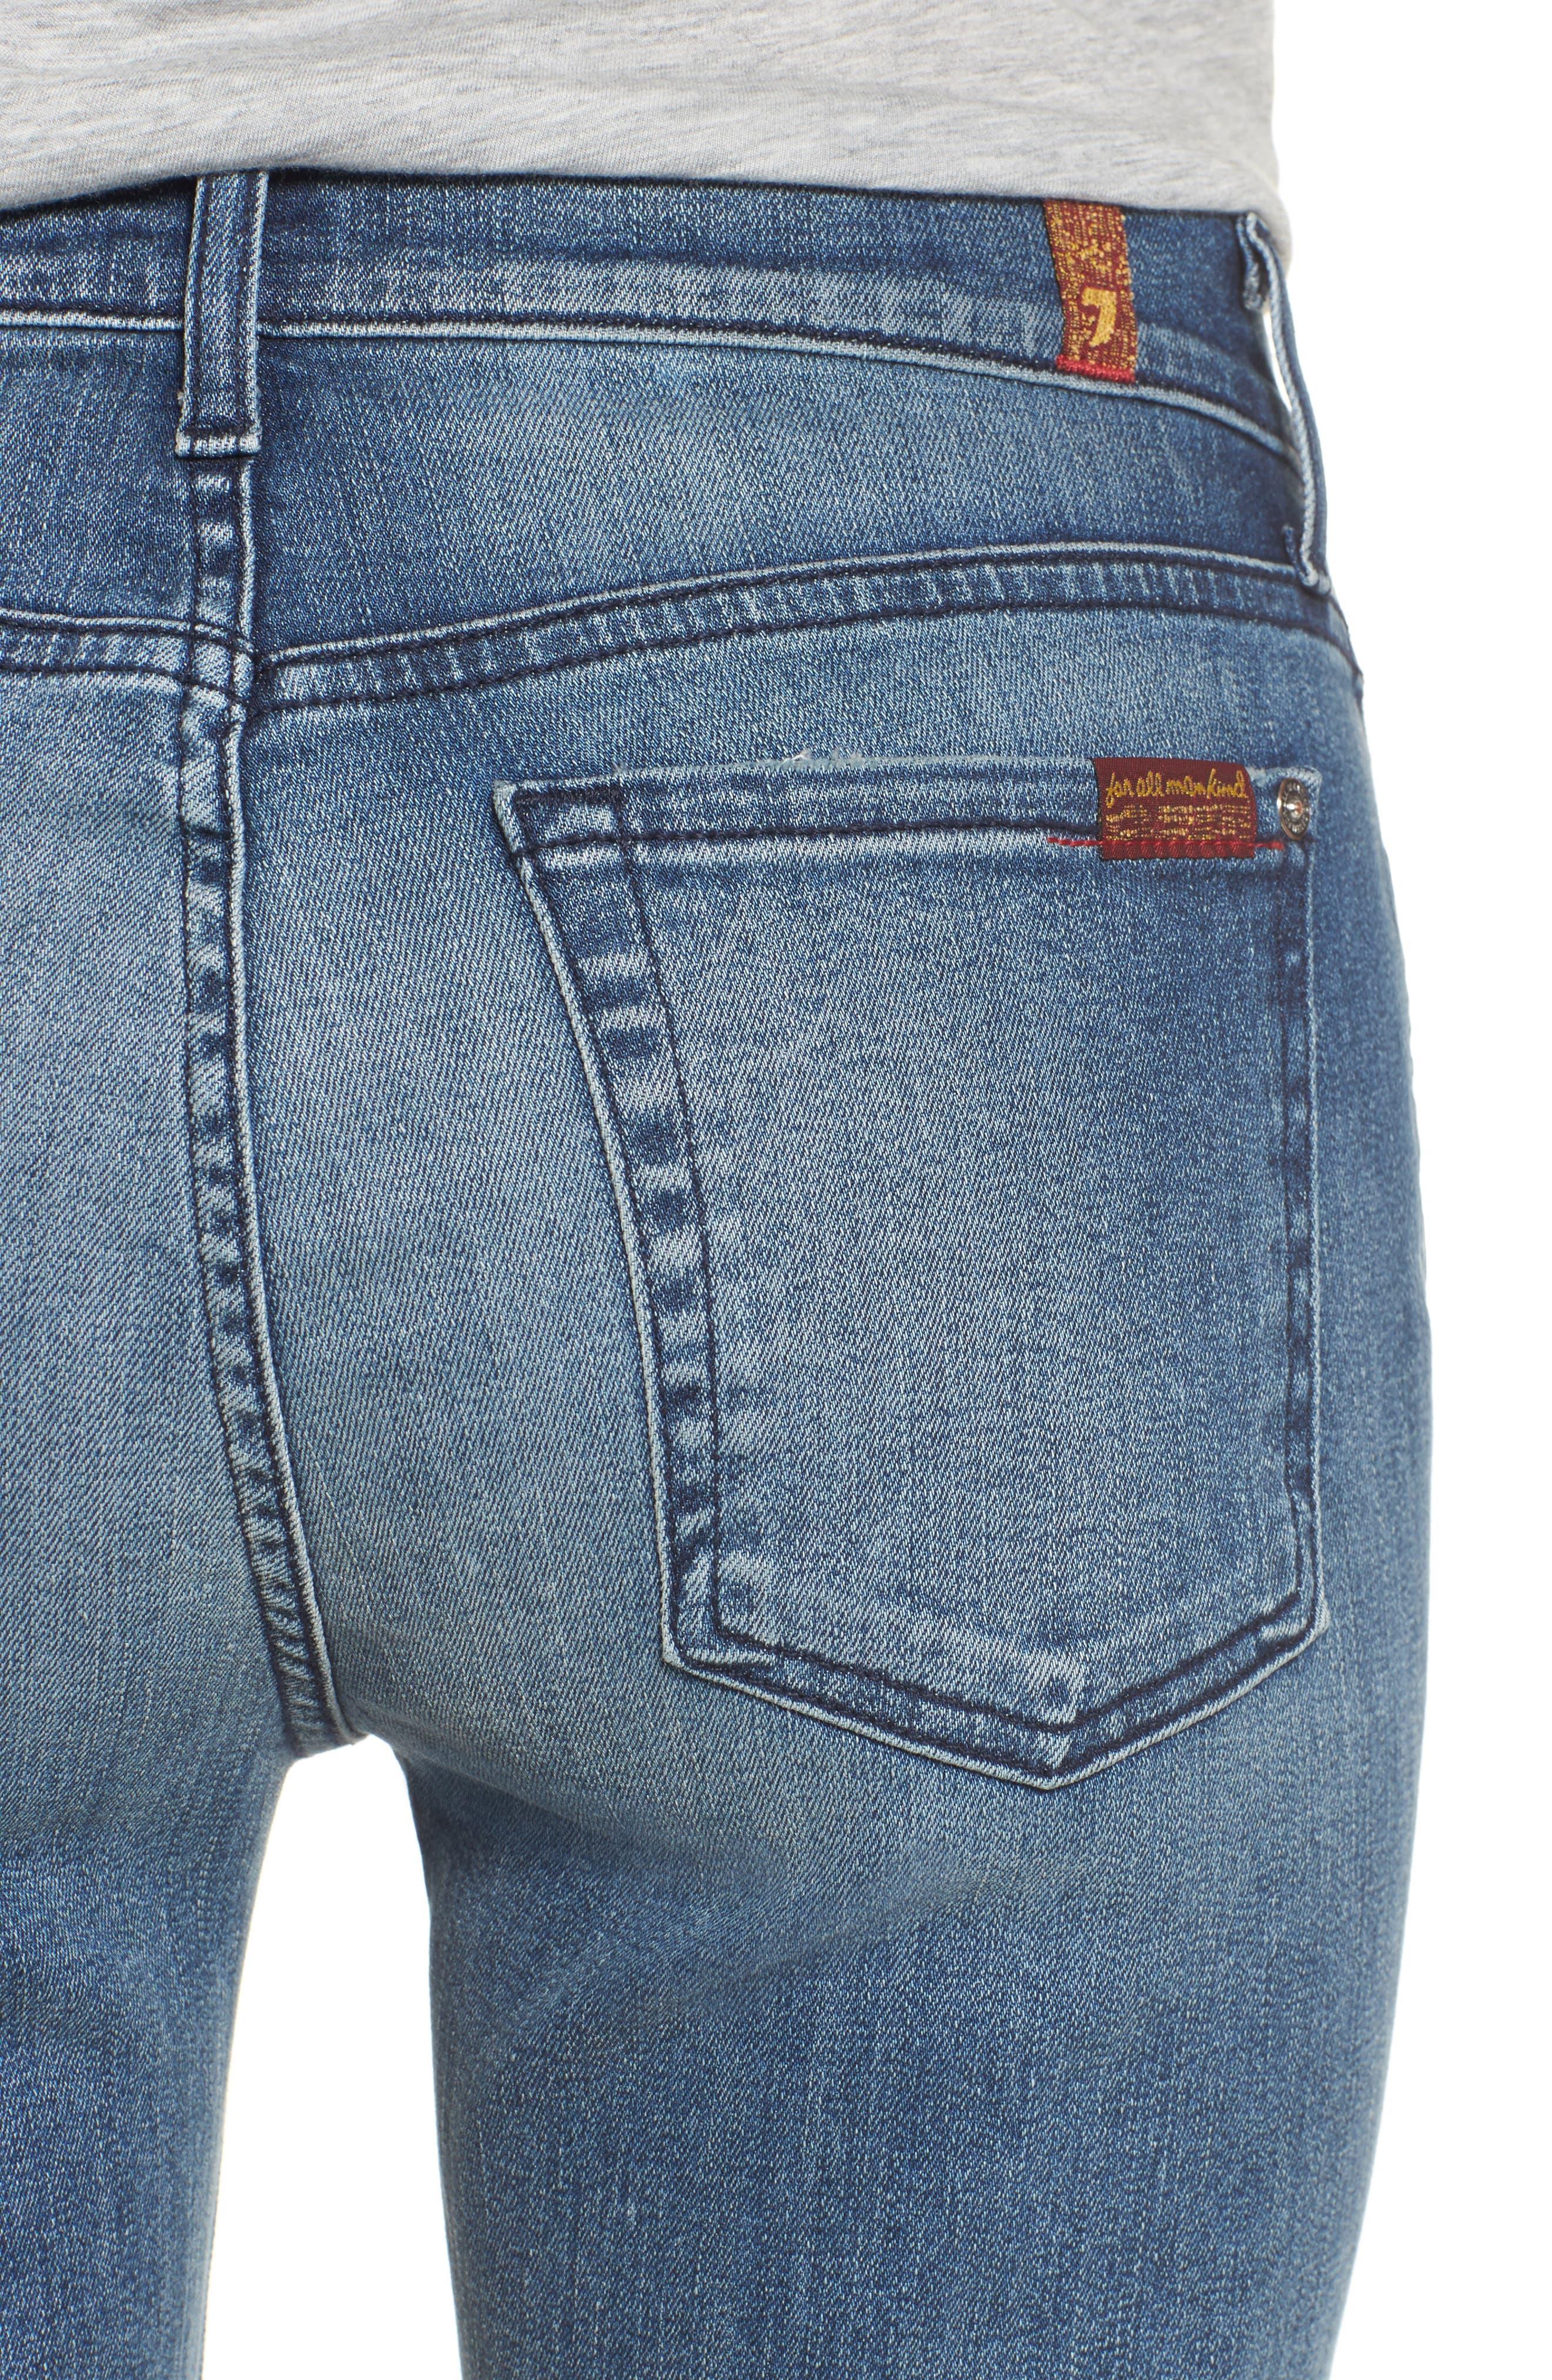 Crop Bootcut Jeans,                             Alternate thumbnail 4, color,                             400